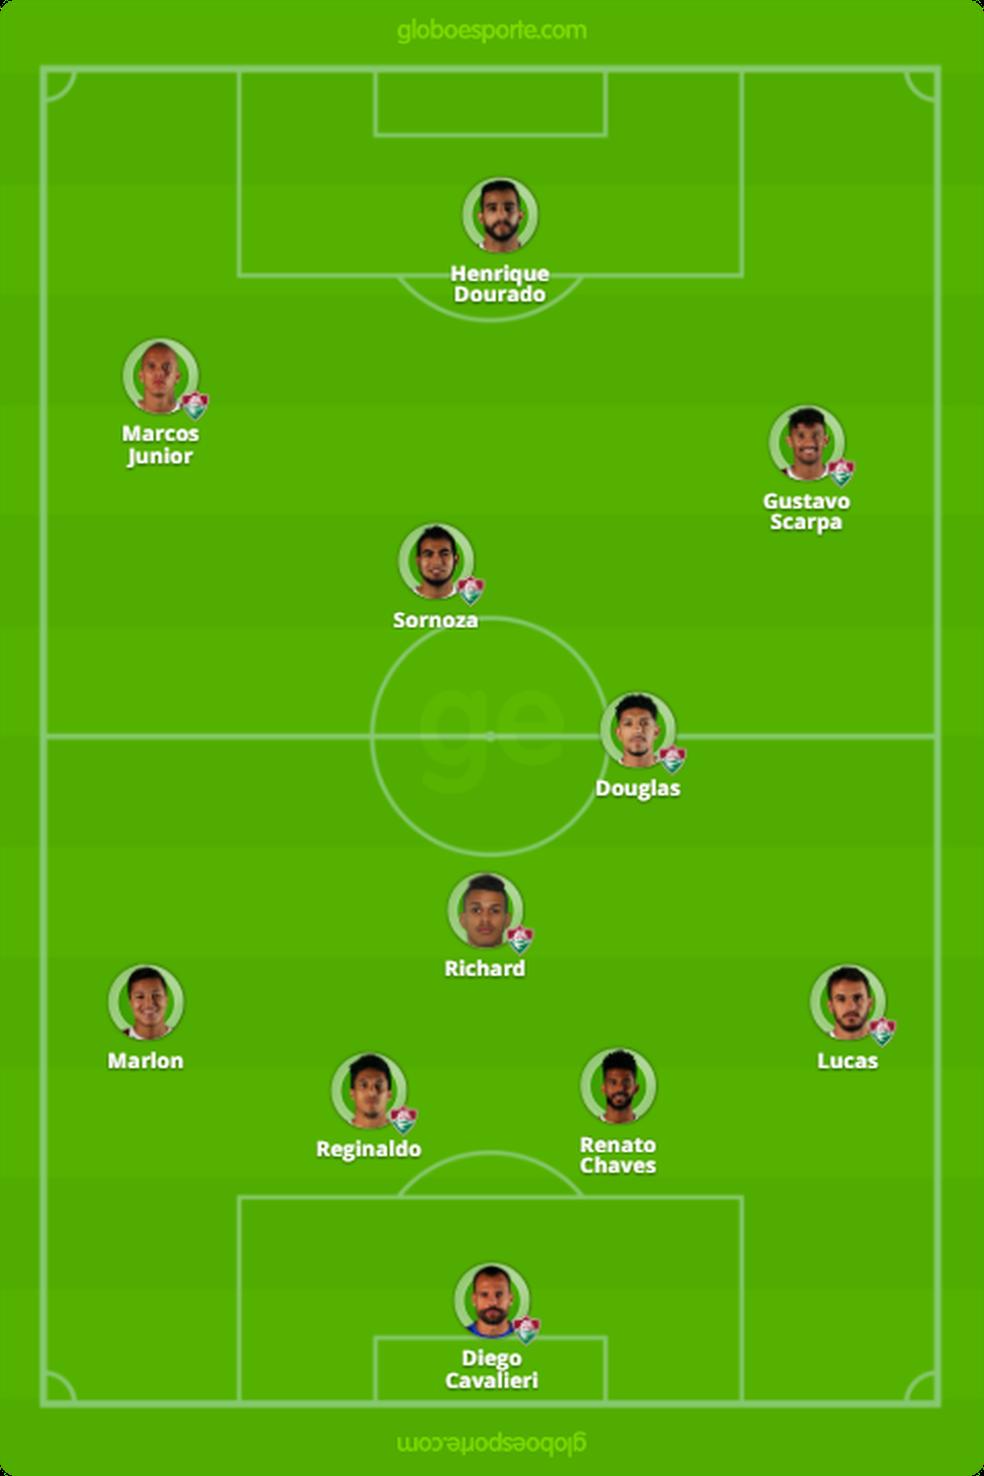 Escalação provável do Fluminense (Foto: GloboEsporte.com)